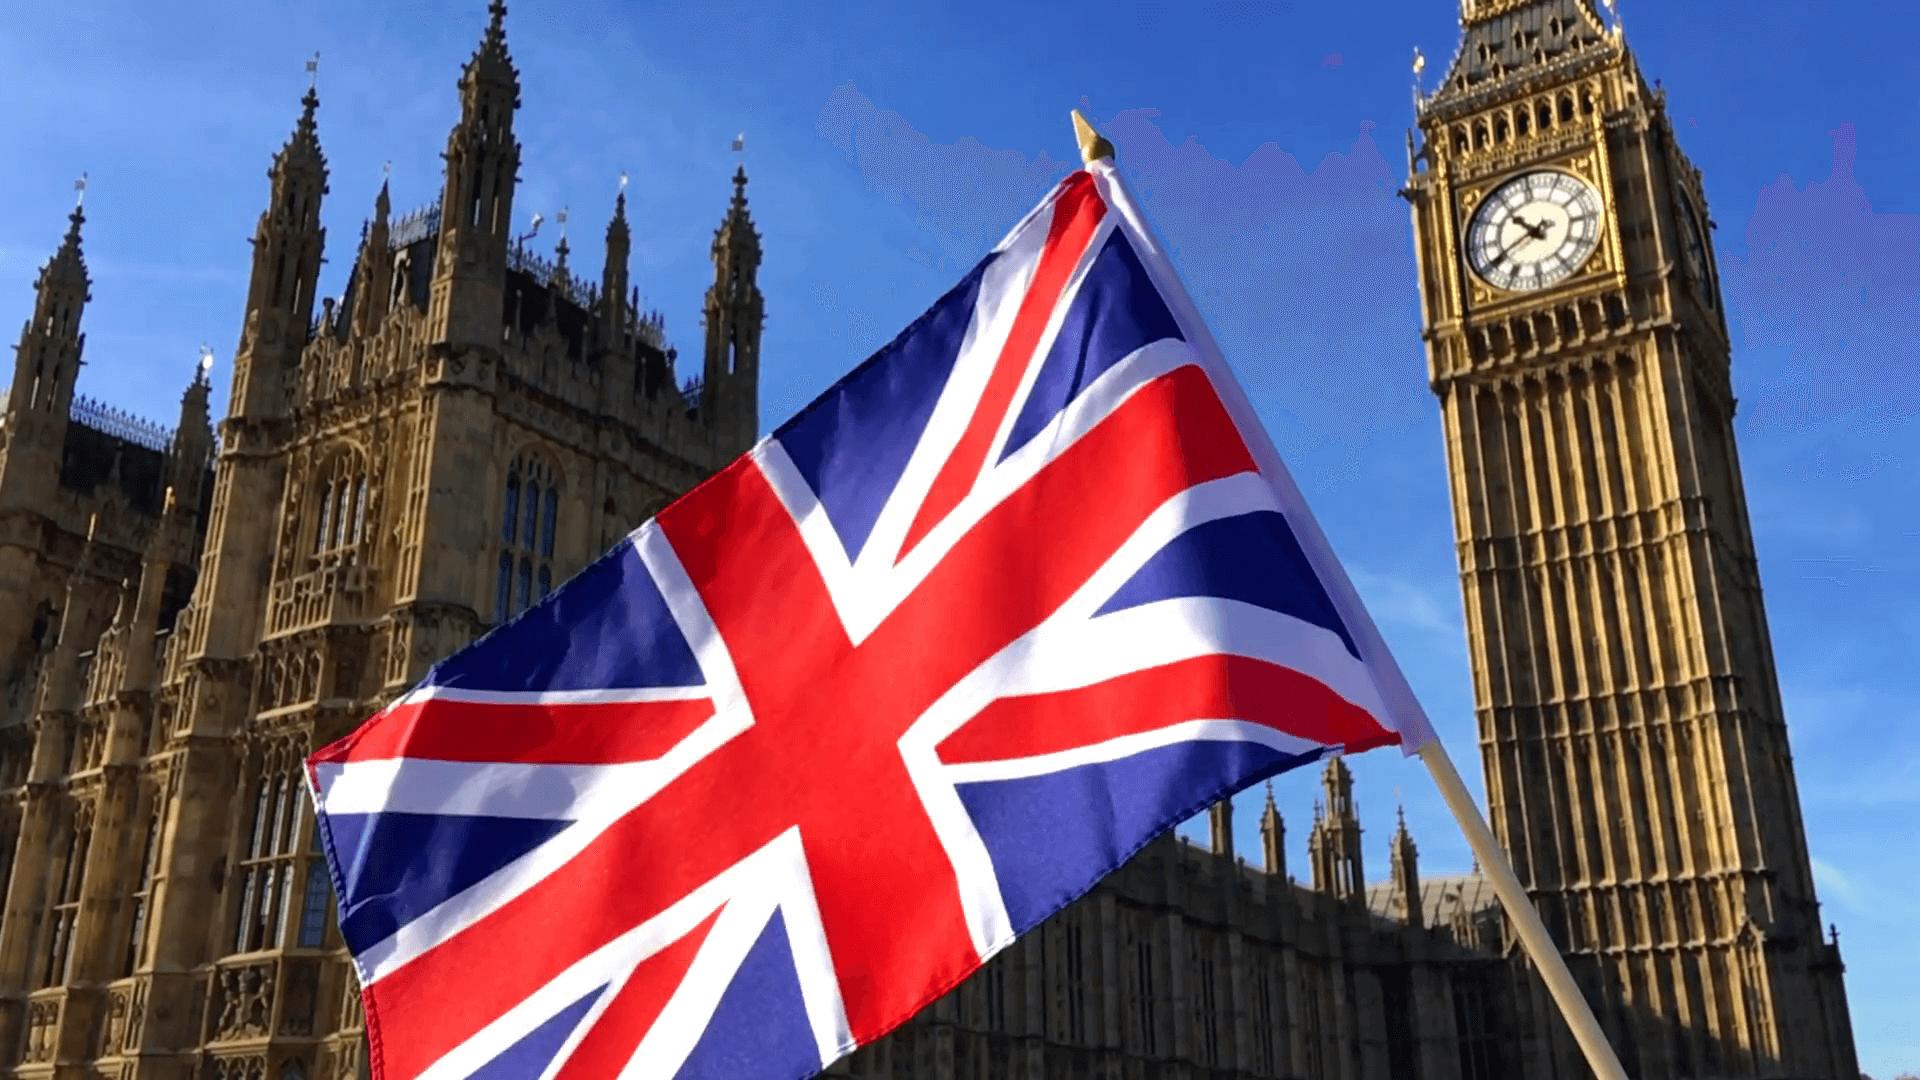 Треть лондонцев планируют инвестировать в криптовалюты